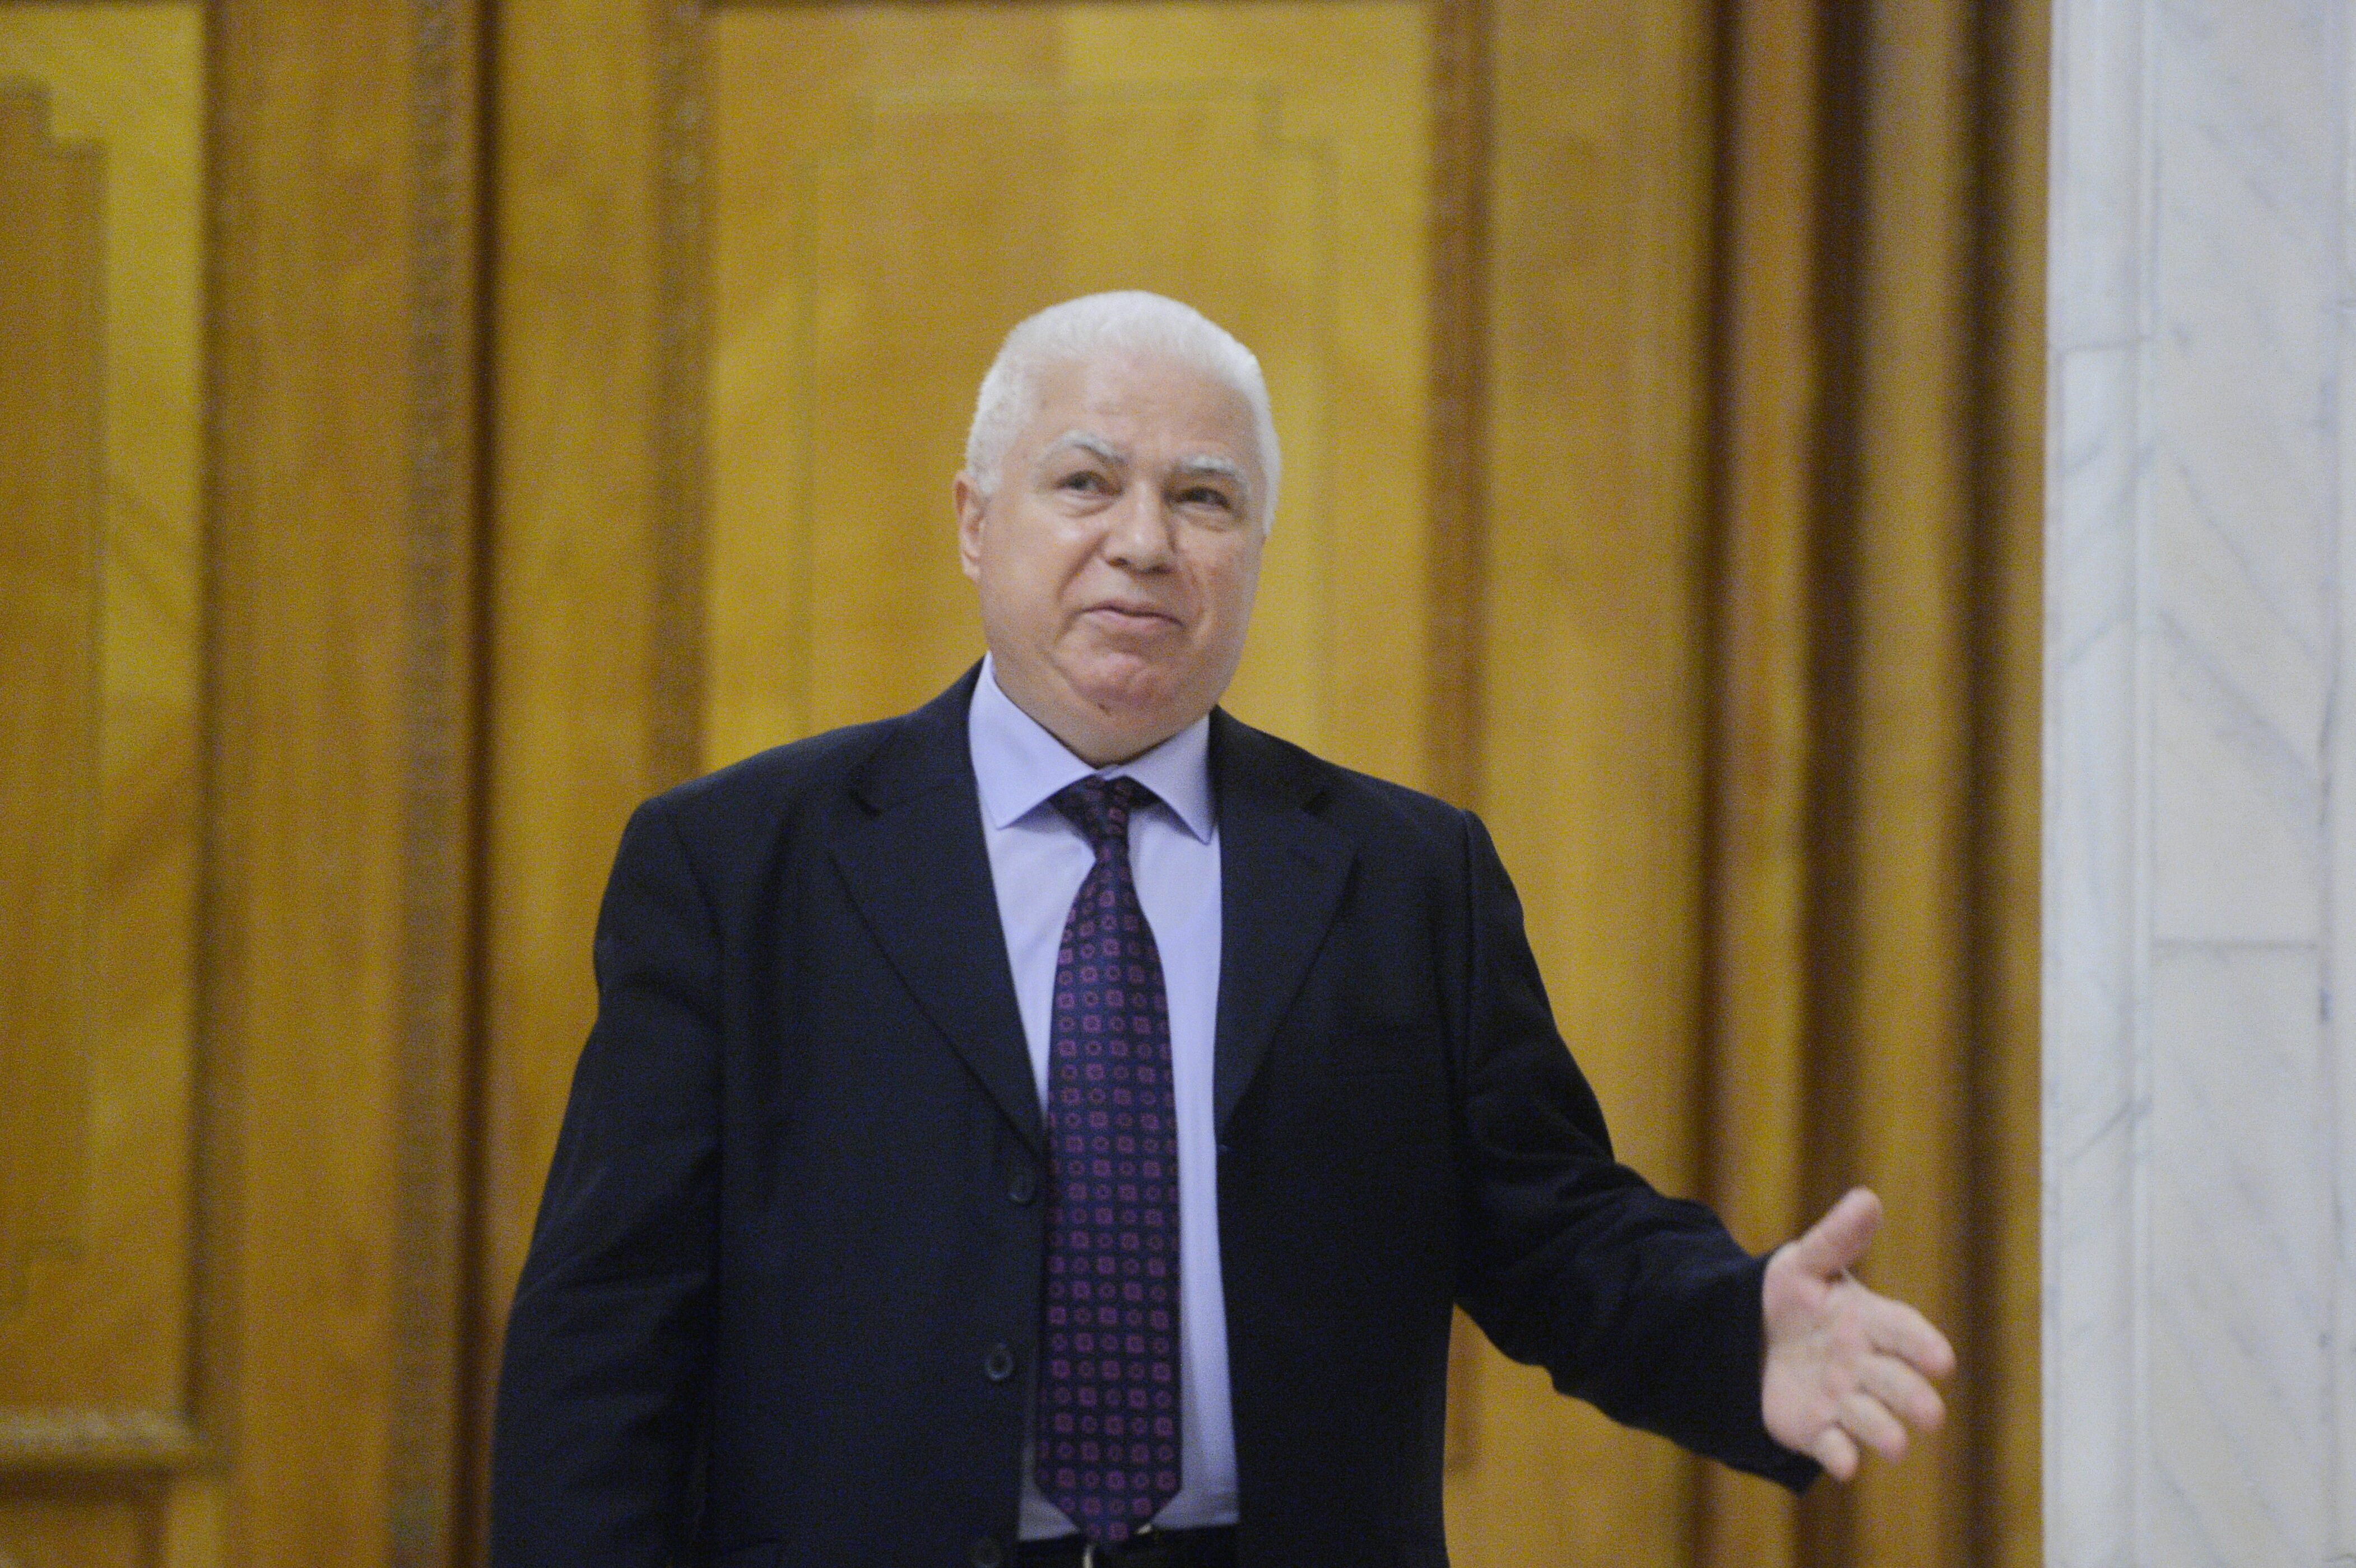 Petre Lăzăroiu, judecătorul CCR care a acuzat presiuni din partea unui consilier prezidenţial: Eu l-am votat pe preşedinte. Nu am votat niciodată cu PSD/ Comisia de la Veneţia va fi sesizată luni